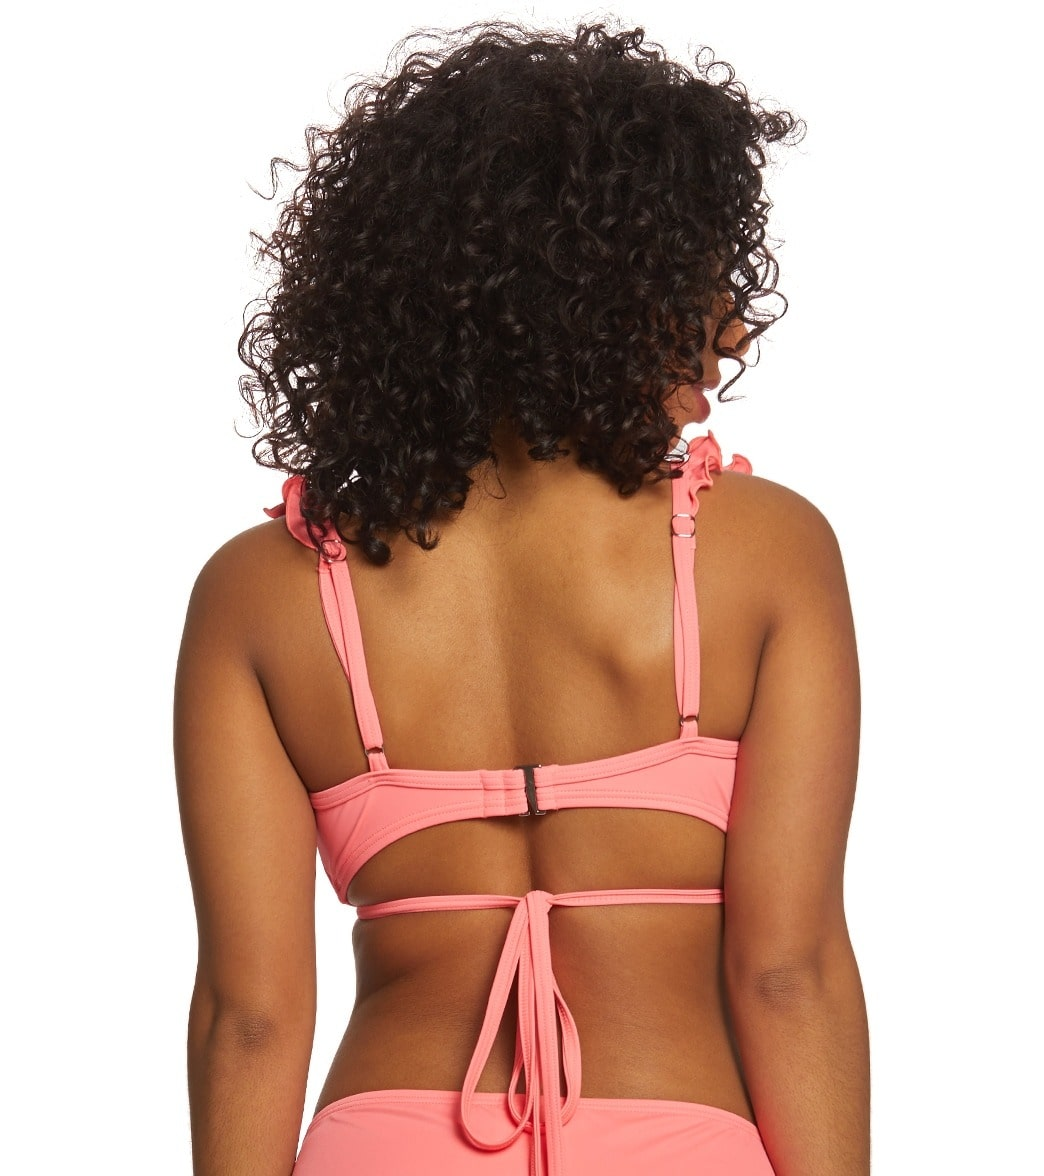 643e470c905da Coco Rave Solid Brooke Wrap Bikini Top (B C D Cup) at SwimOutlet.com ...